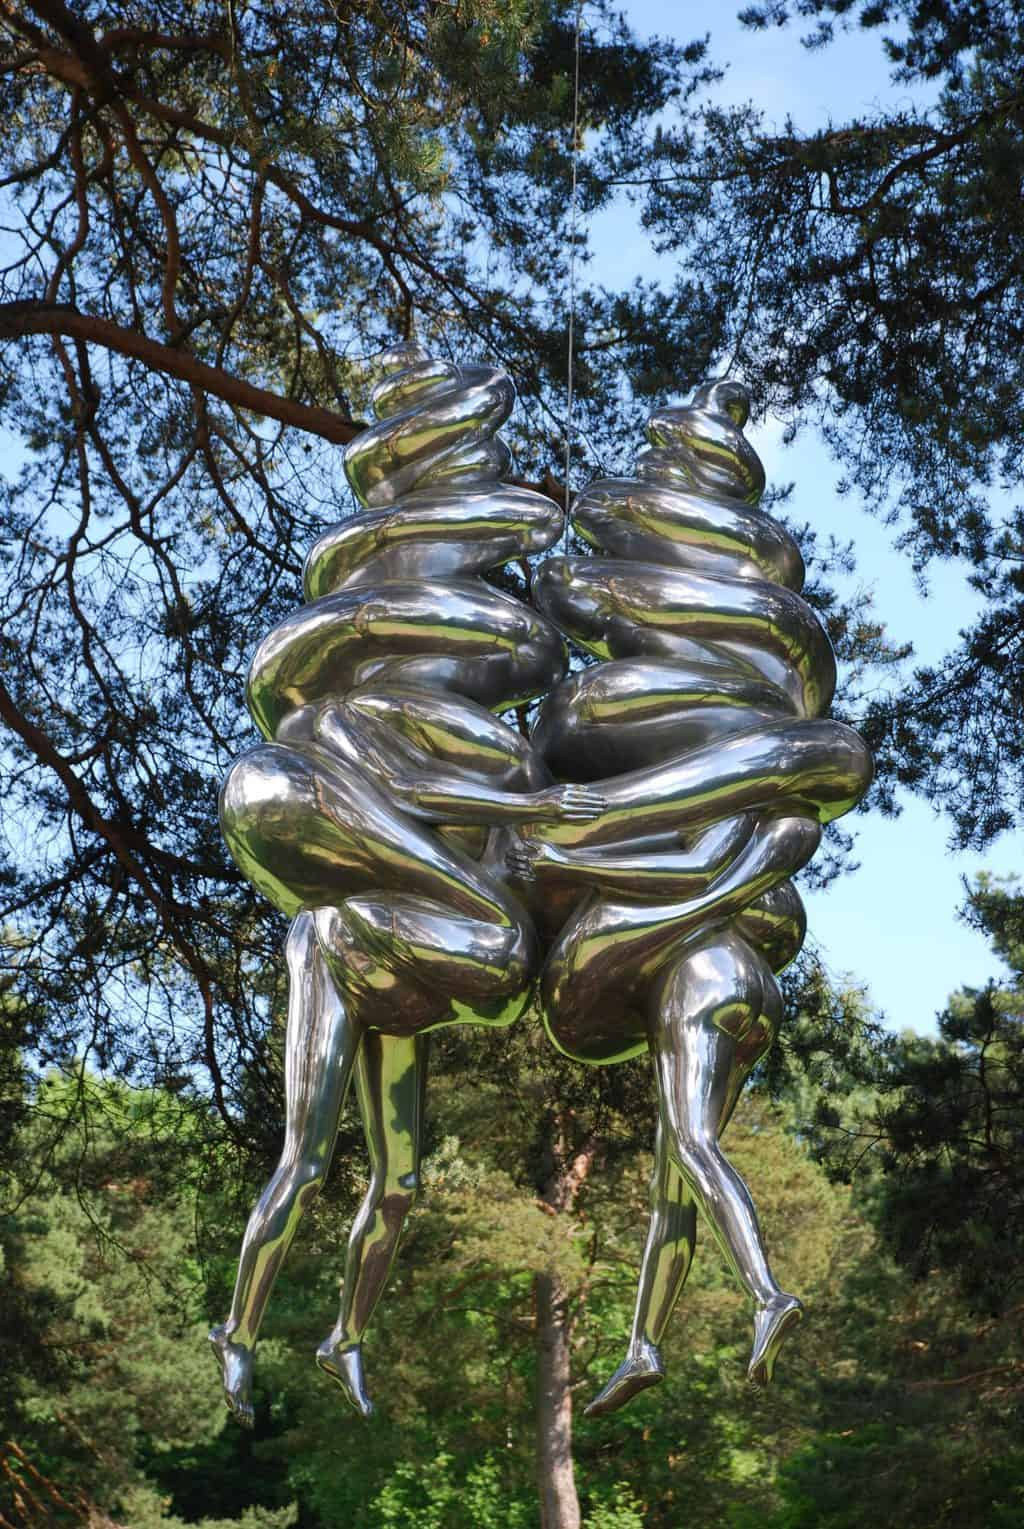 In einem Park in Oslo hängen zwei Metallfiguren in den Bäumen